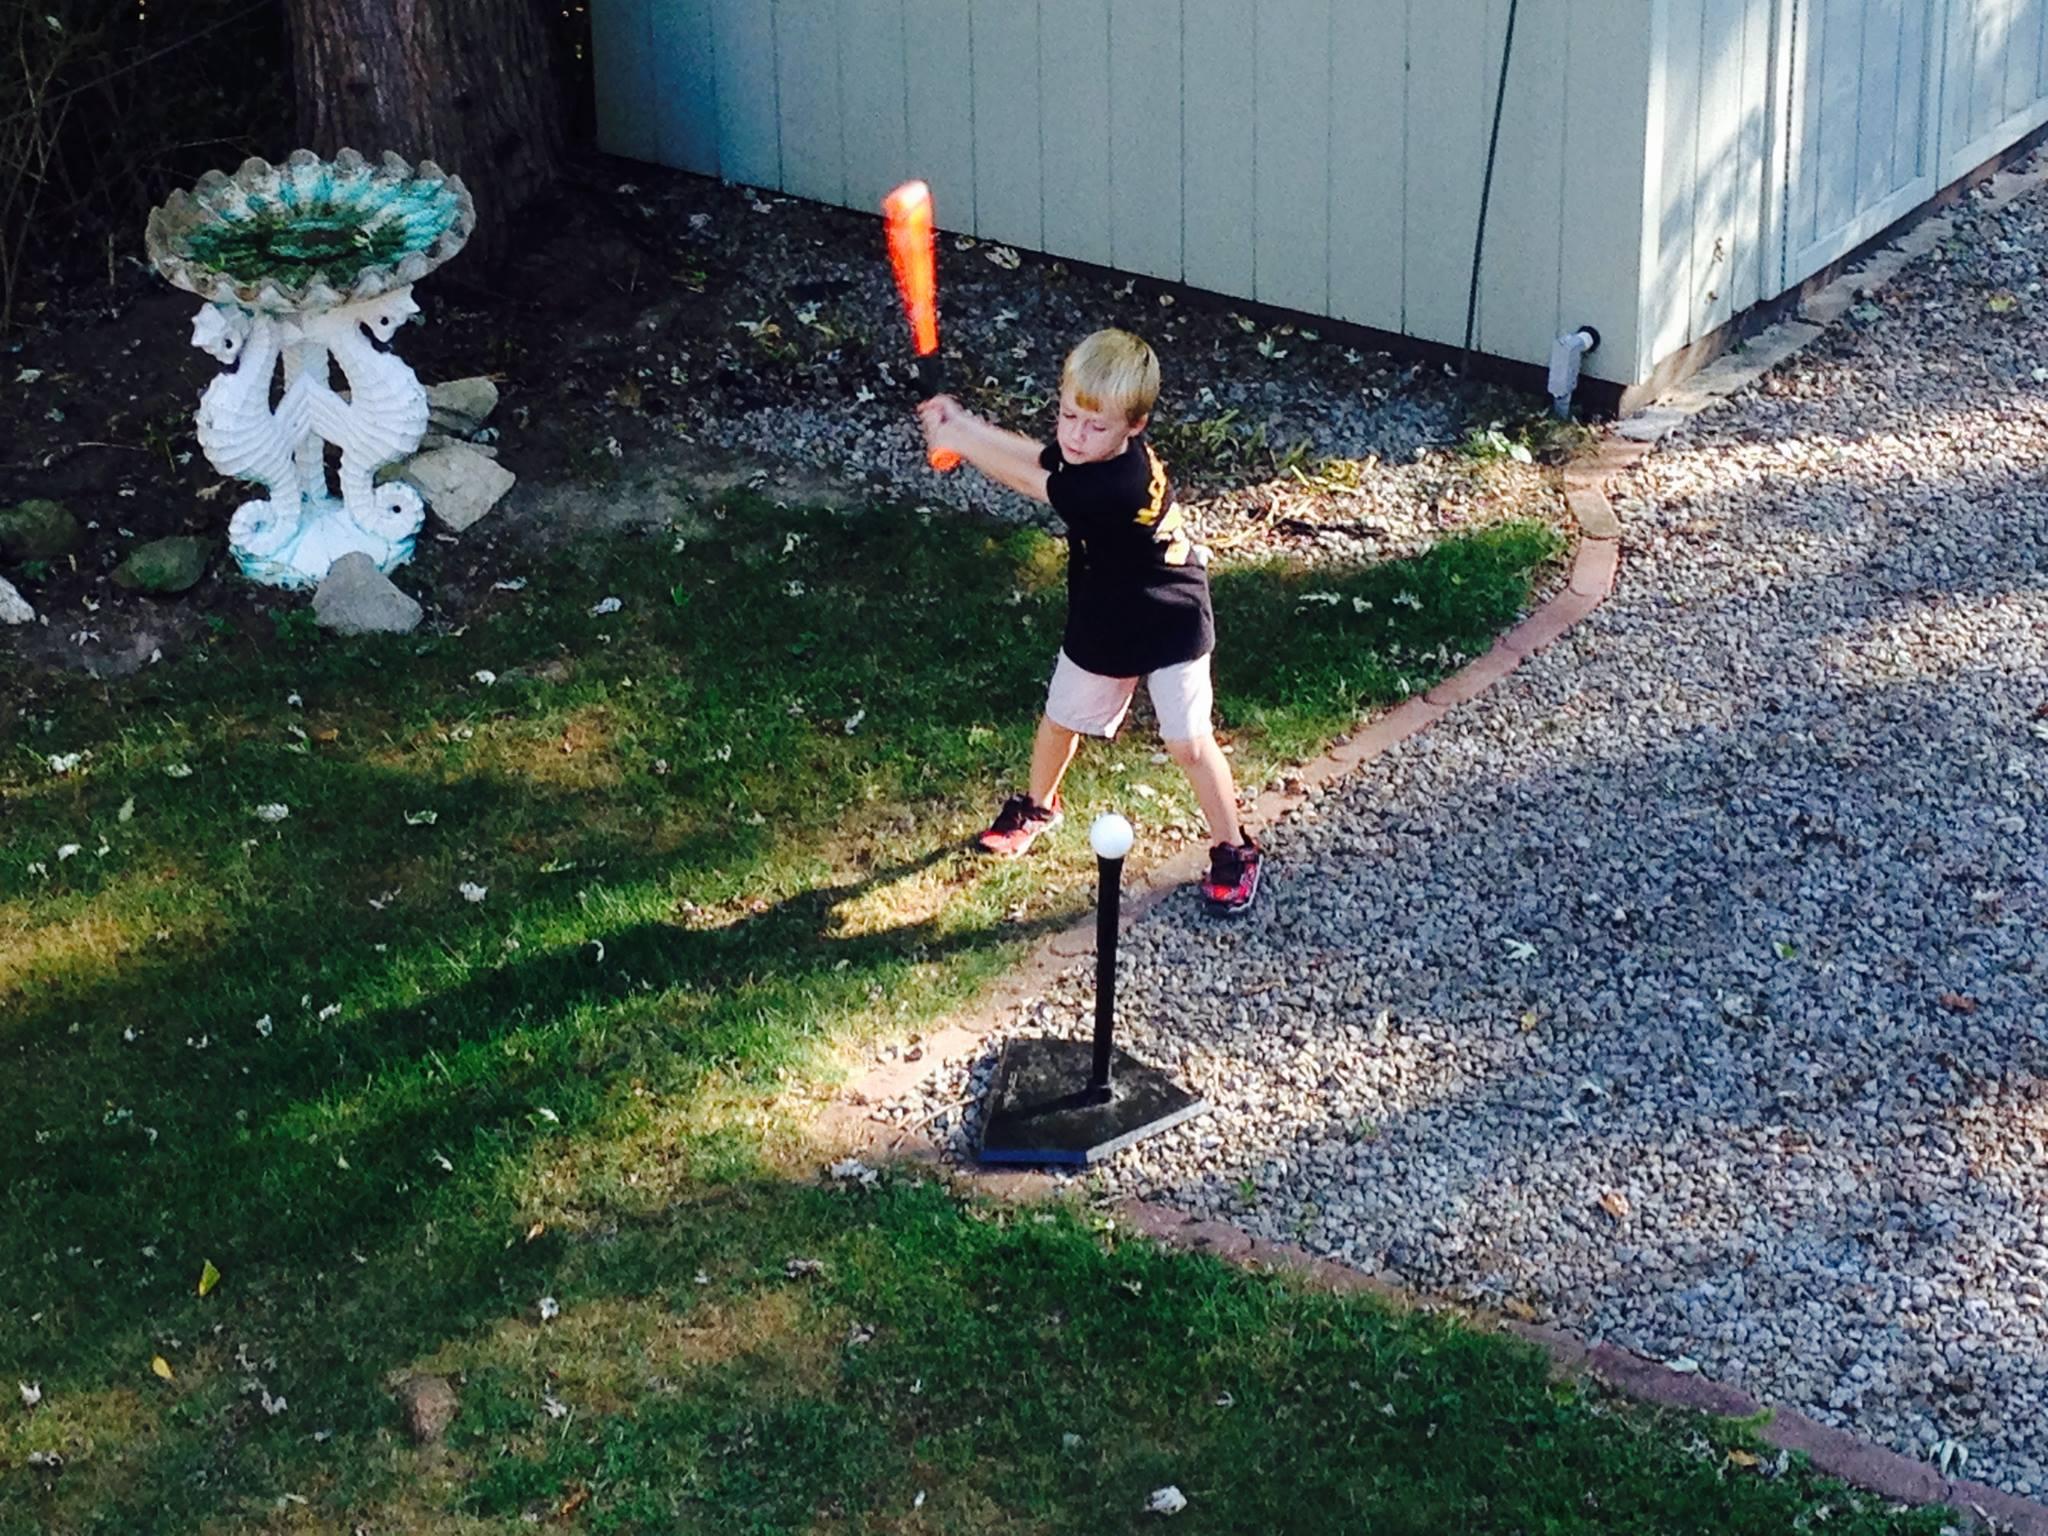 Colin batting